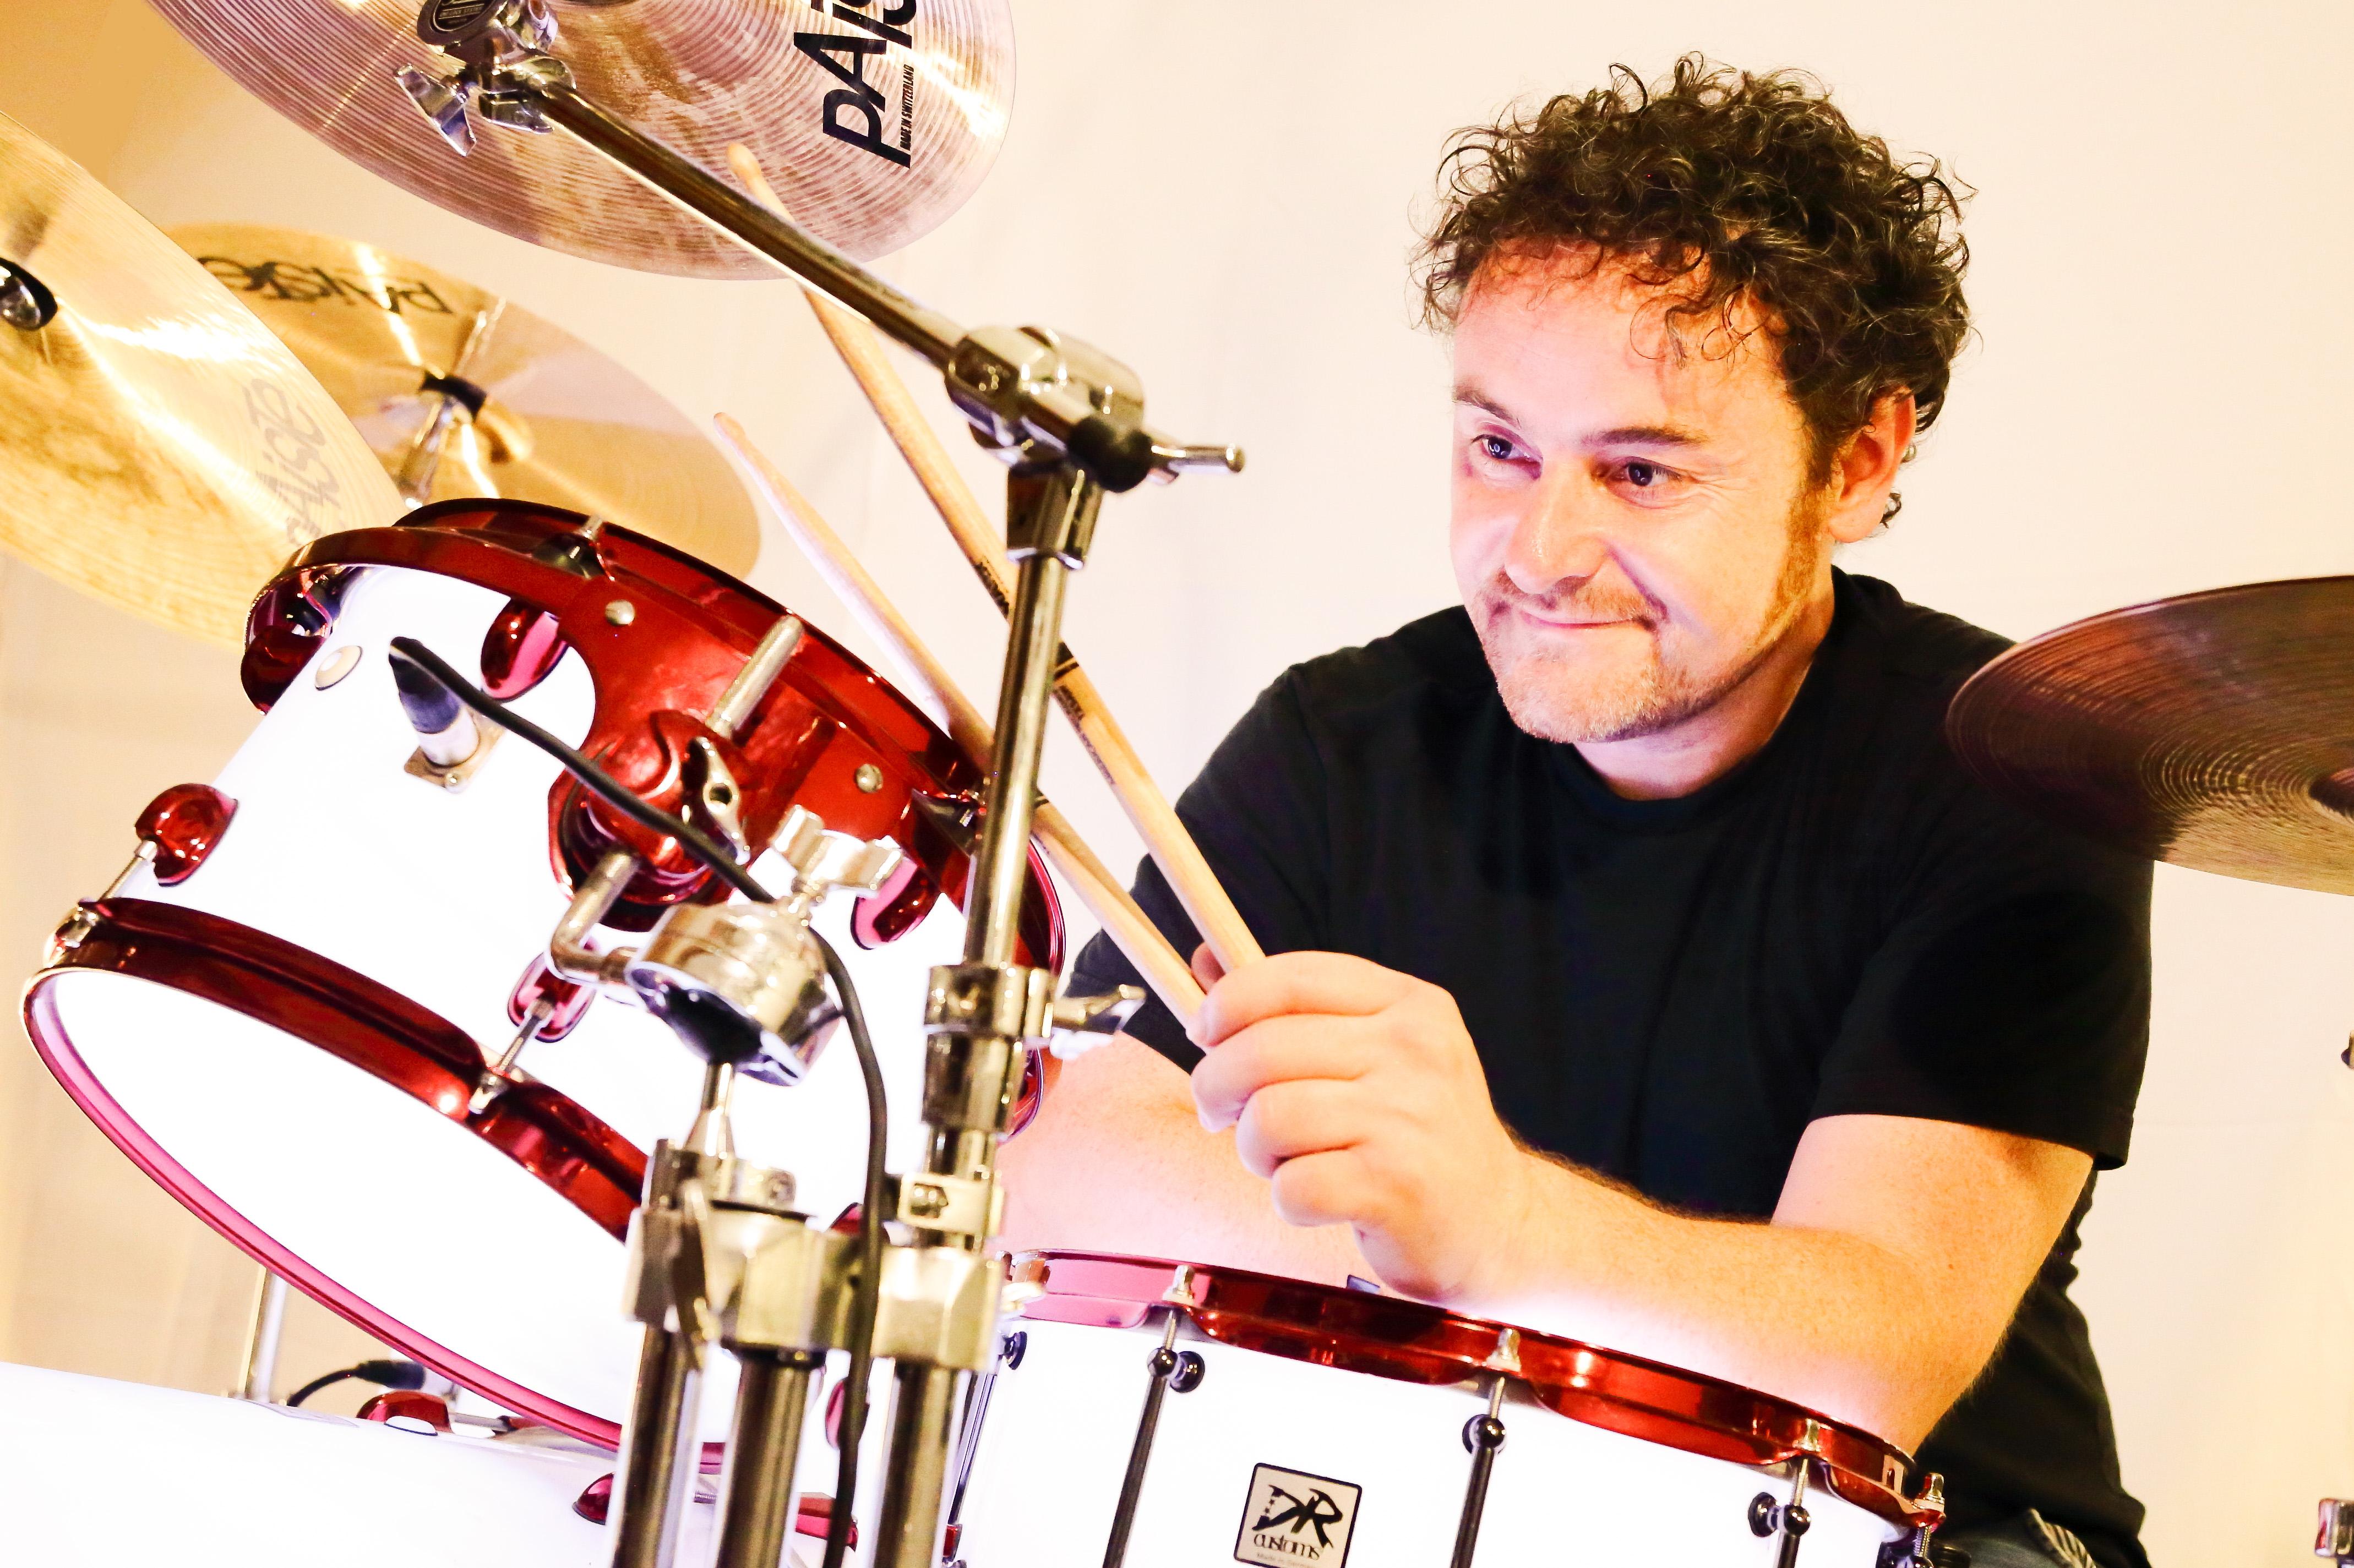 Schlagzeugunterricht Haßberge, Schlagzeugunterricht Zeil am Main, Schlagzeugunterricht Haßfurt